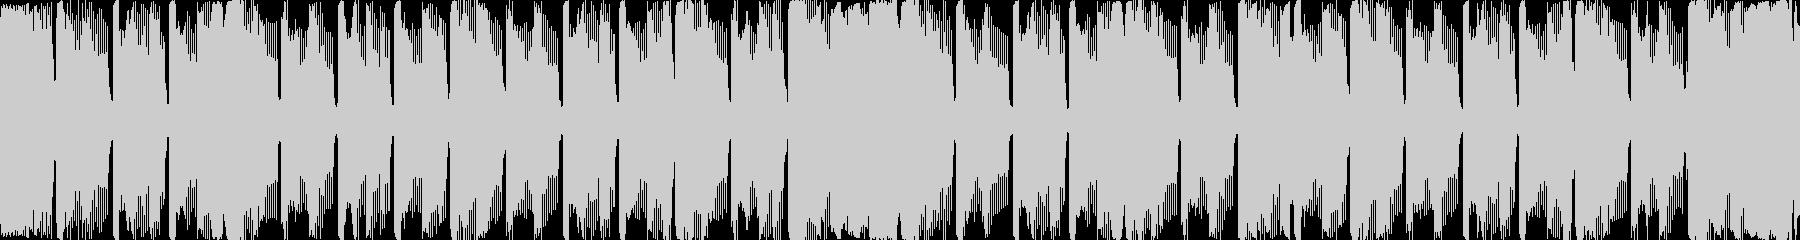 四分打ちのシンプルなループBGMの未再生の波形